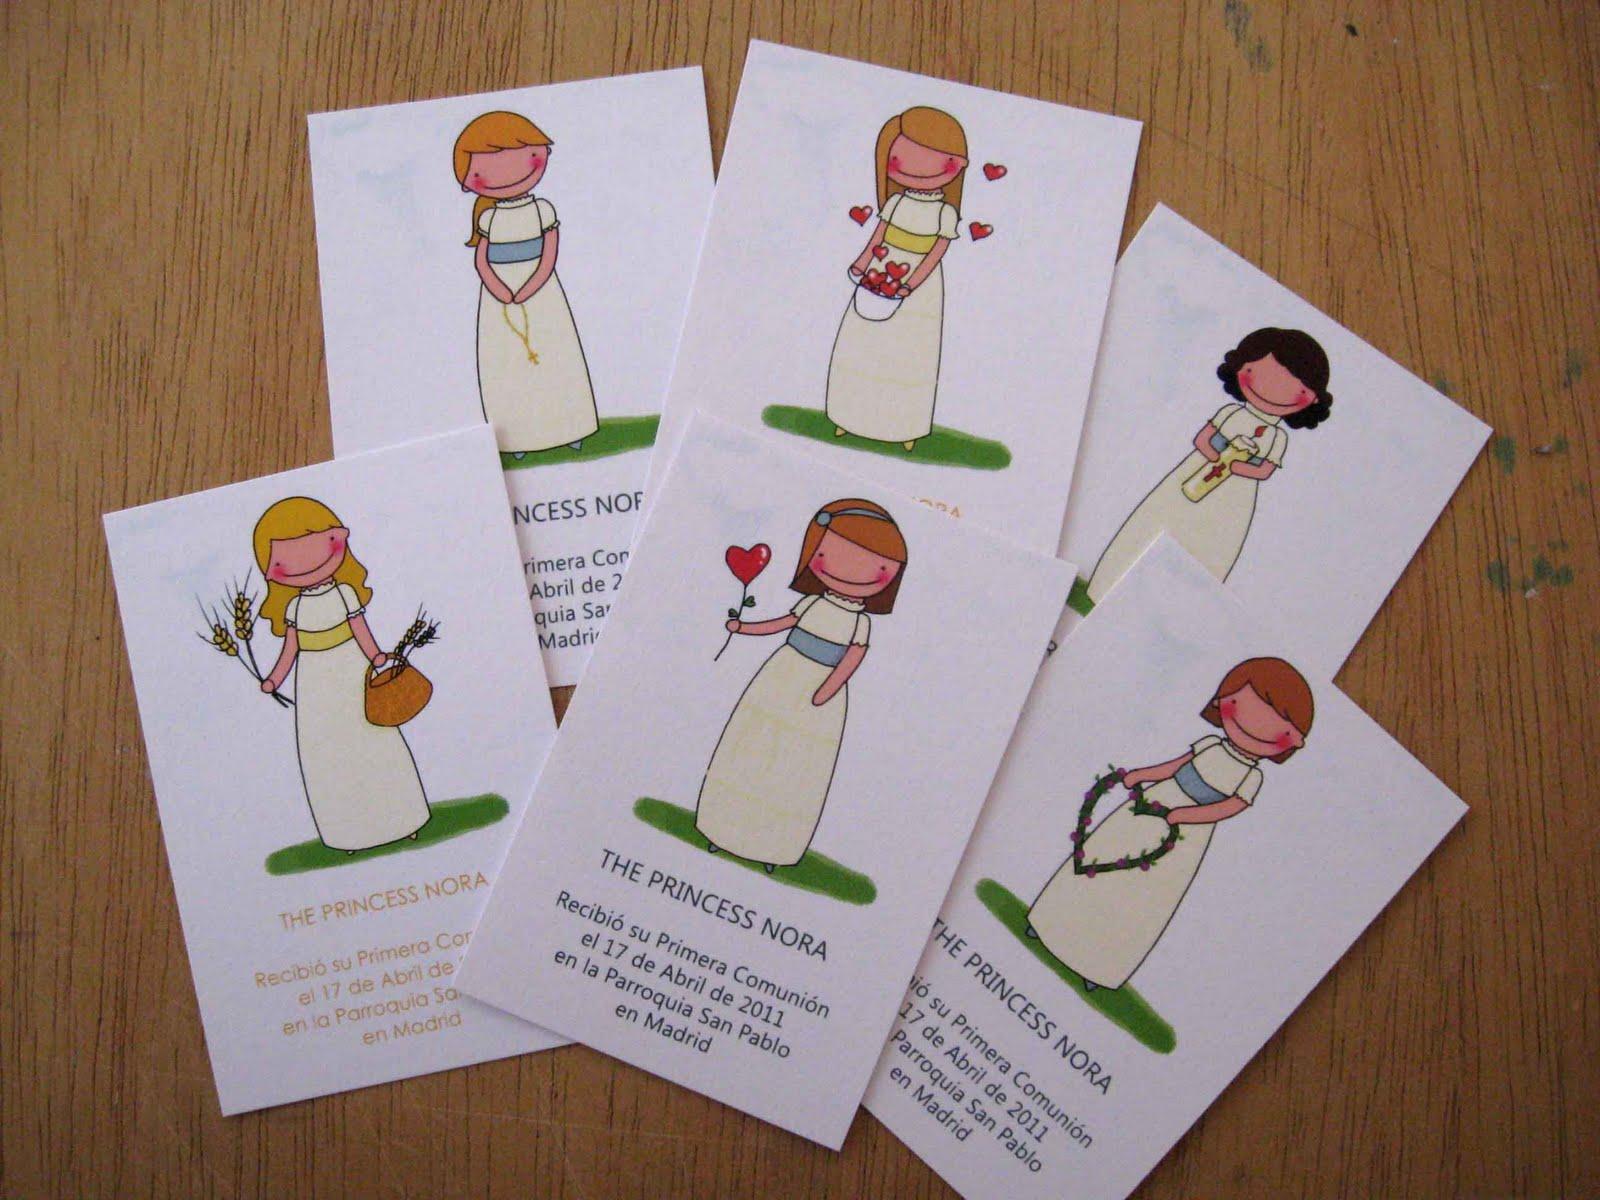 The princess nora vestidos de comunion y recordatorios - Recordatorios de comunion para imprimir ...